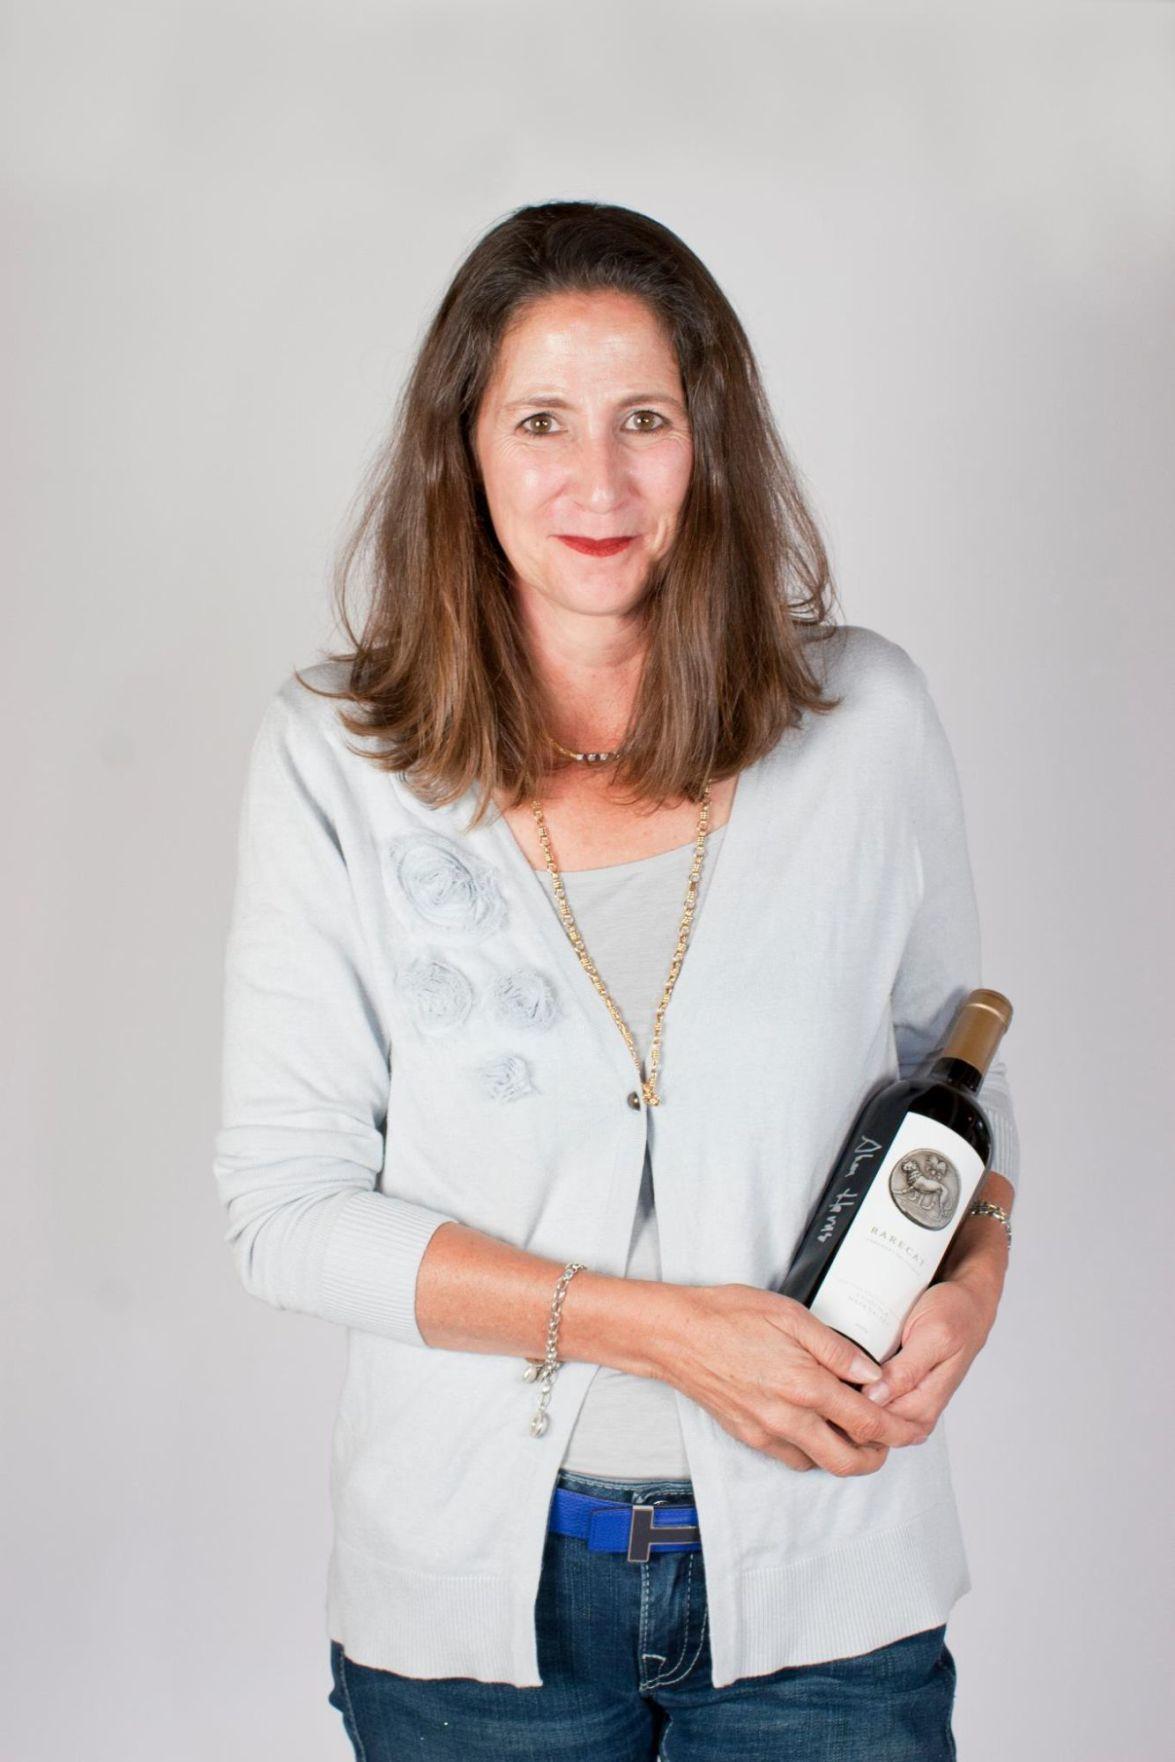 Sharon Kazan Harris